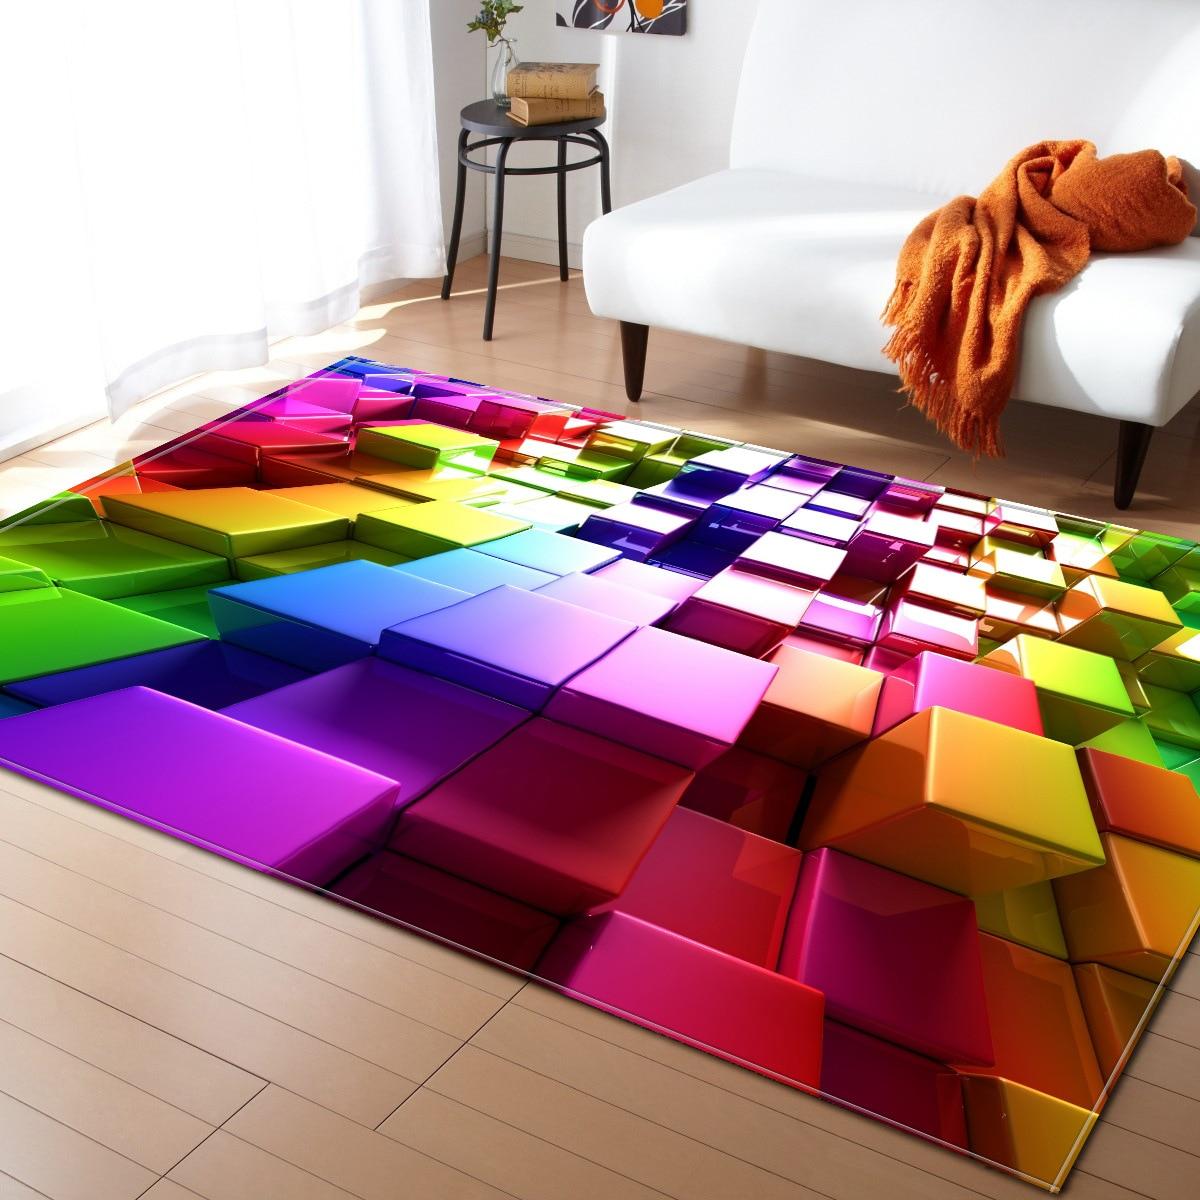 Style nordique Géométrique 3D Tapis Salon Chambre Chambre Tapis Table Basse Tapis Tapis de Jeu Rectangulaire Antidérapant Tapis de Sol